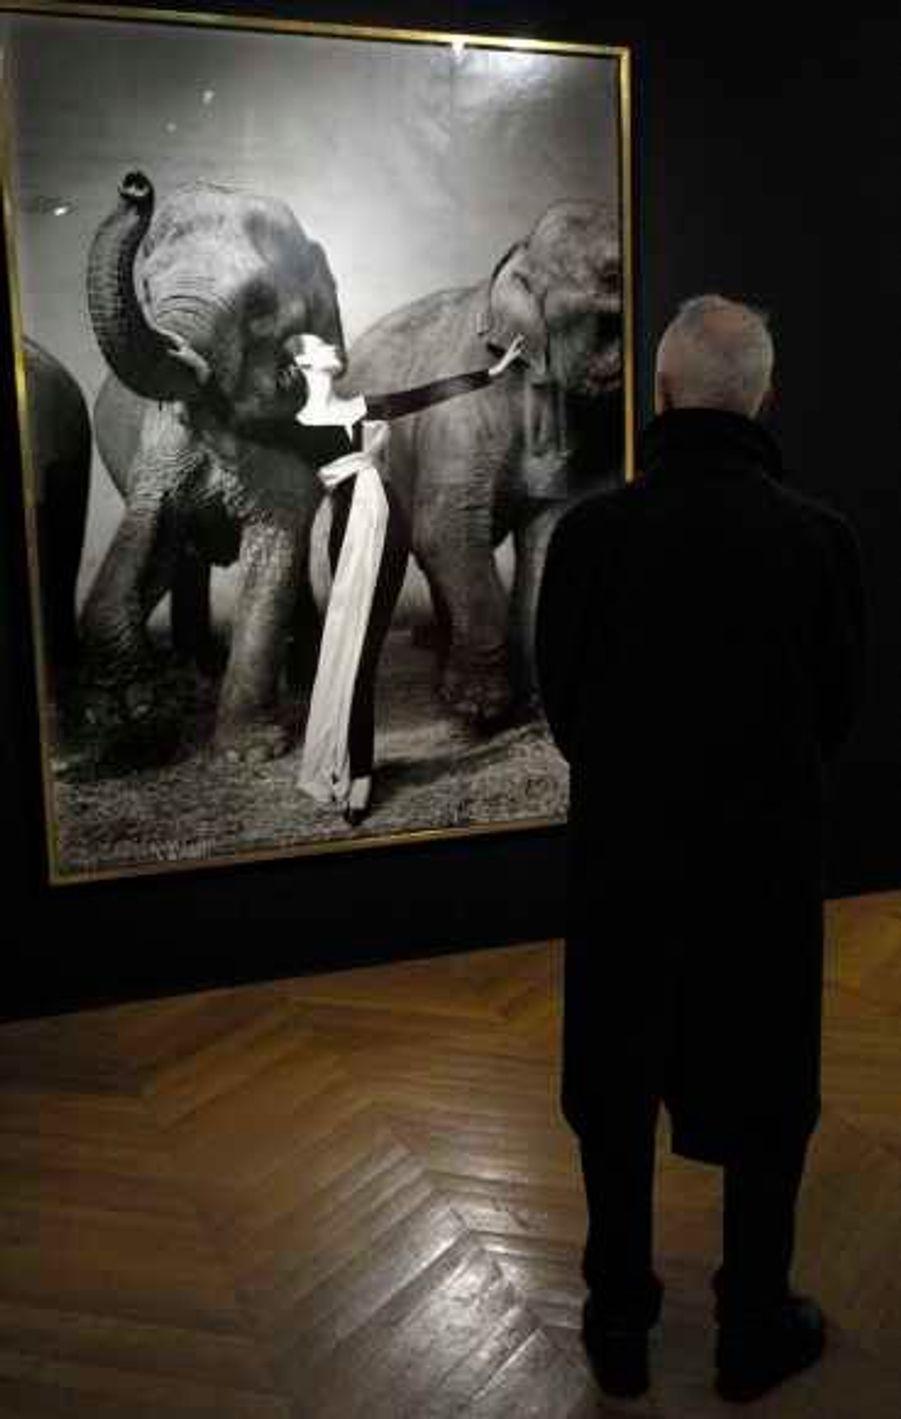 Dovima avec les éléphants, robe du soir de Dior, Cirque d'Hiver, Paris, août 1955.Tirage argentique unique d'exposition, monté sur lin. Il est le plus grand réalisé pour cette image. Exécuté pour la rétrospective d'Avedon sur la mode au Metropolitan Museum of Art en 1978, il a aussi été accroché 25 ans durant à l'entrée du studio de l'artiste à New York. Cette pièce unique est estimée entre 400 000 et 600 000 euros.